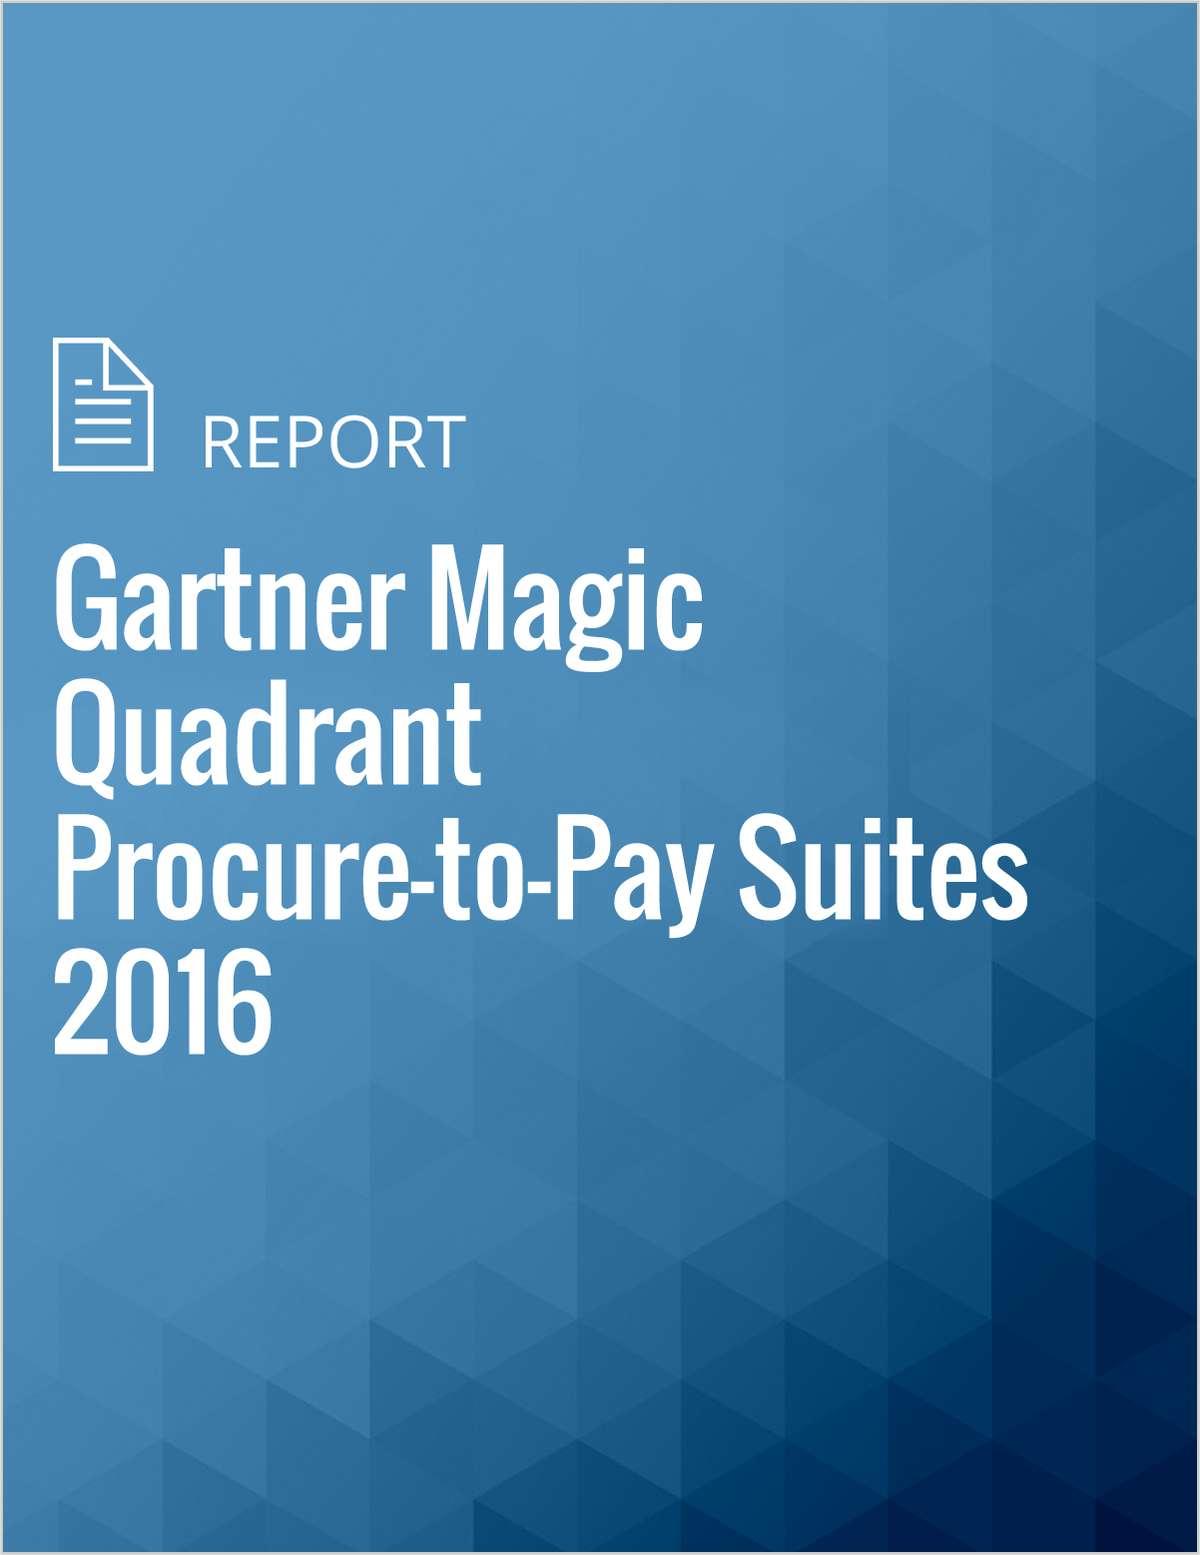 Gartner Magic Quadrant Procure-to-Pay Suites 2016